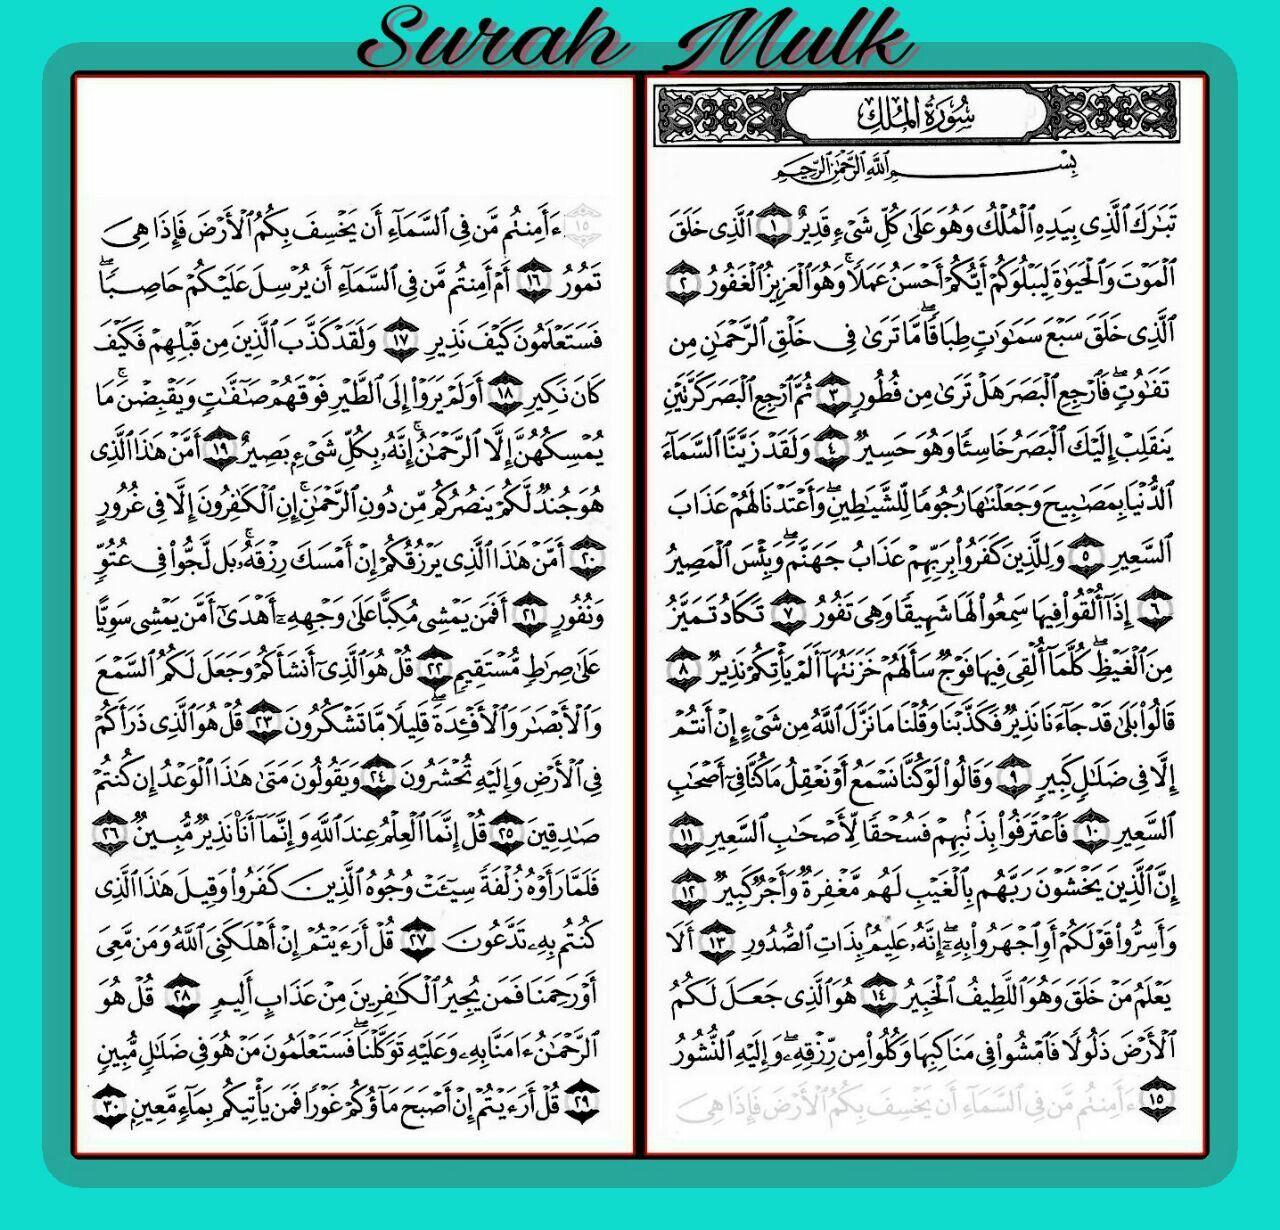 Surah Al Mulk Quran Surah Quran Verses Quran